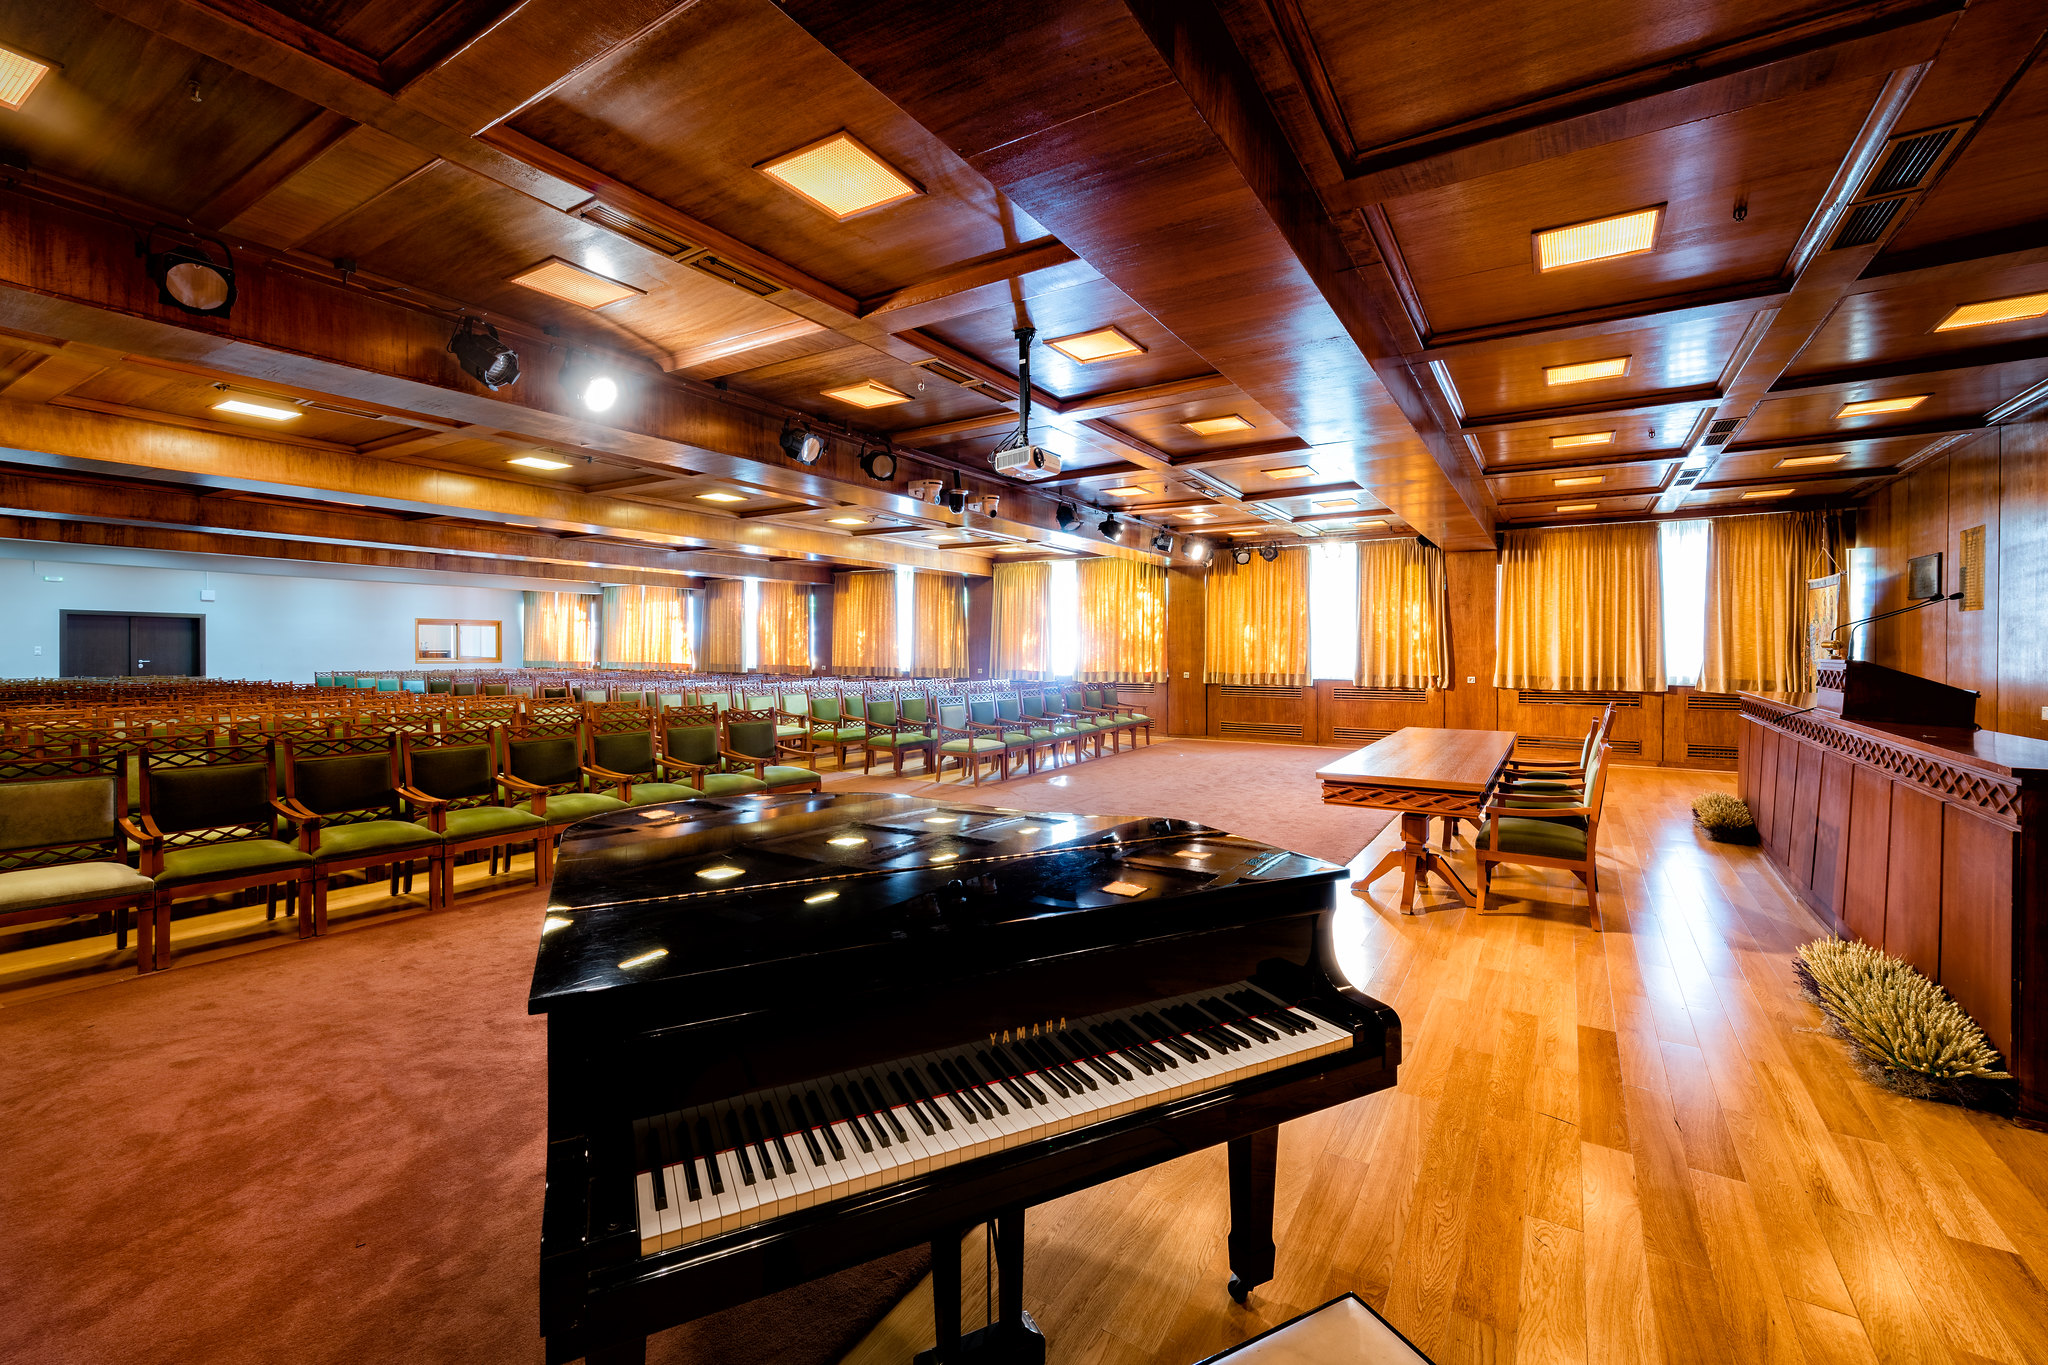 Πατρών- Αίθουσα Τελετών «Οδυσσέας Ελύτης»-Κτίριο Πρυτανείας-Πιάνο